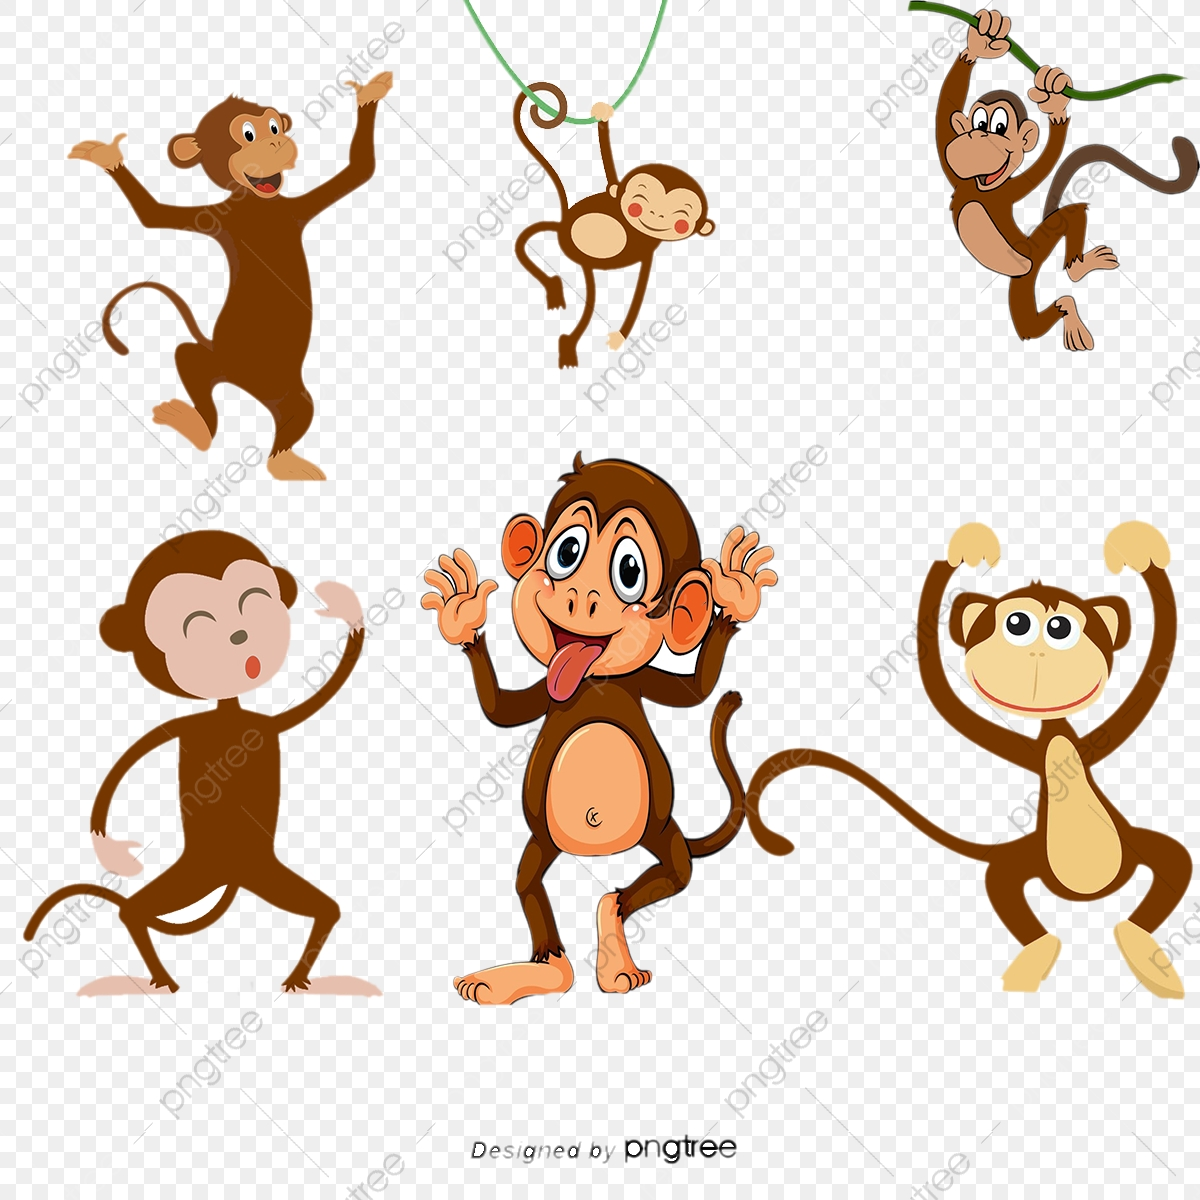 Gambar Monyet Animasi Png Download 100 Gambar Monyet Kartun Vektor Keren Gratis